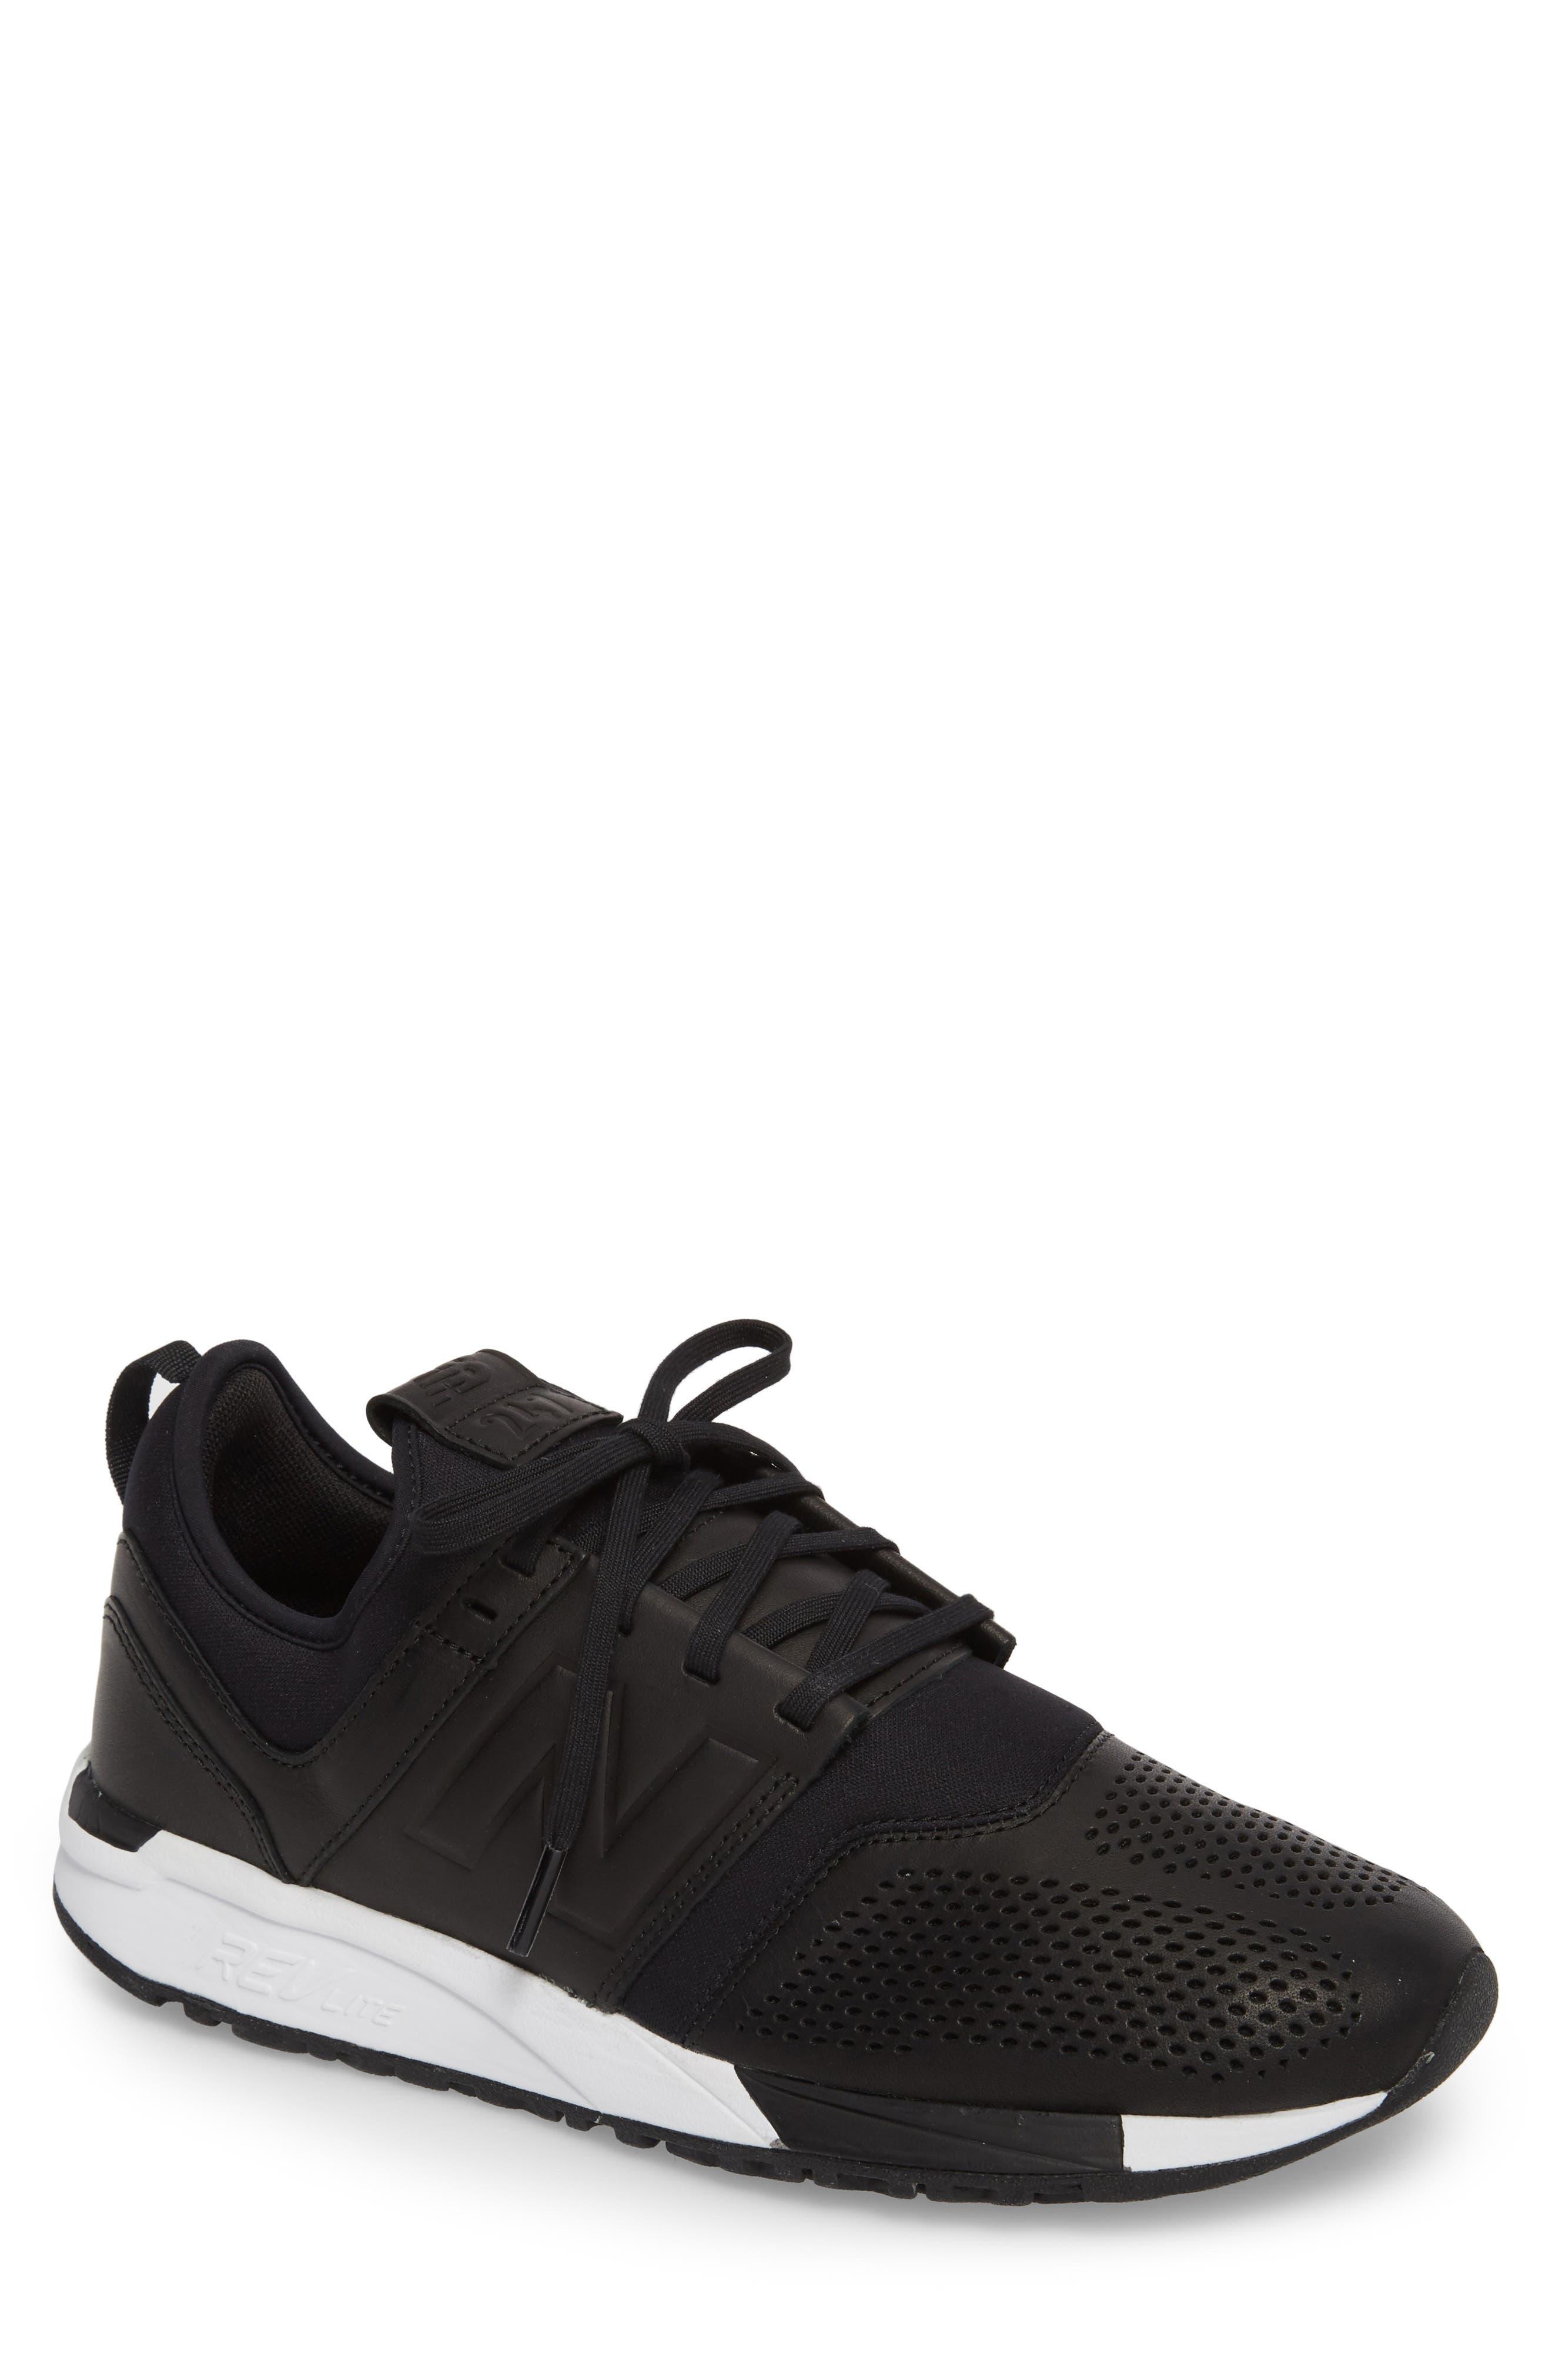 Alternate Image 1 Selected - New Balance MRL247 Sneaker (Men)